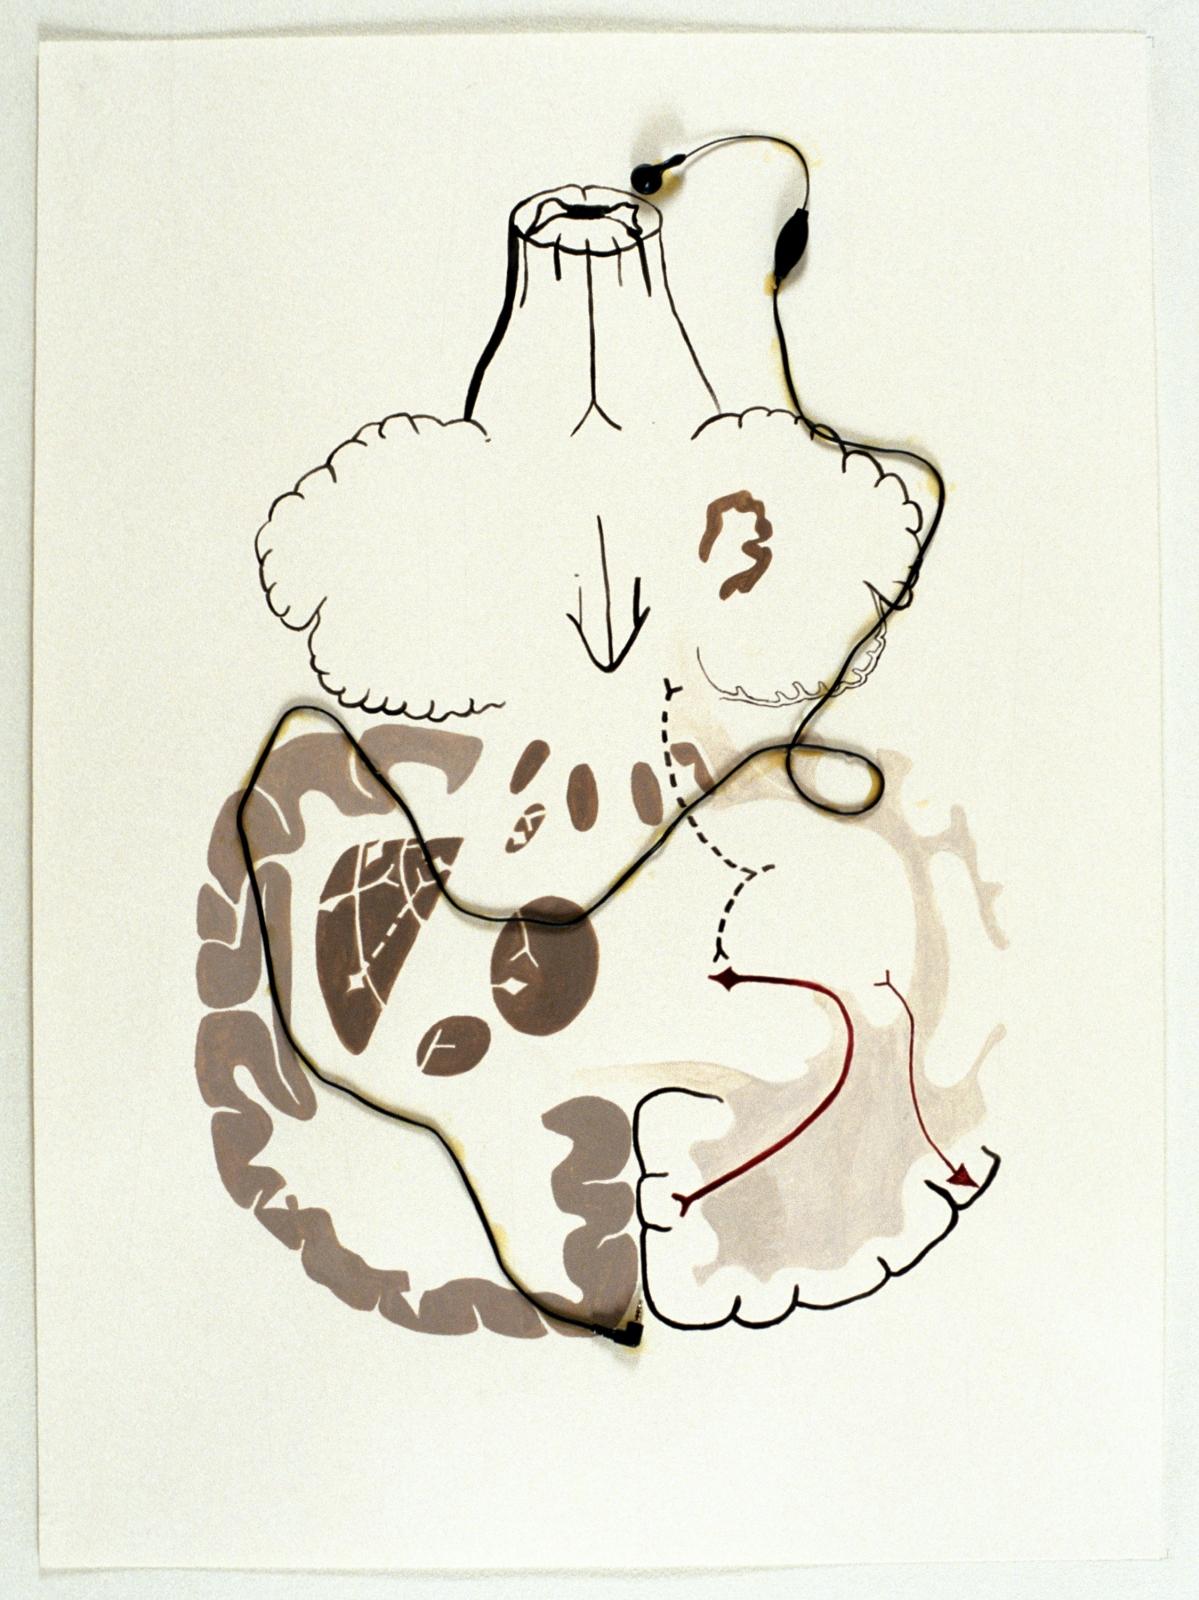 TONY OURSLER (Beige) Between the Ears, 2002